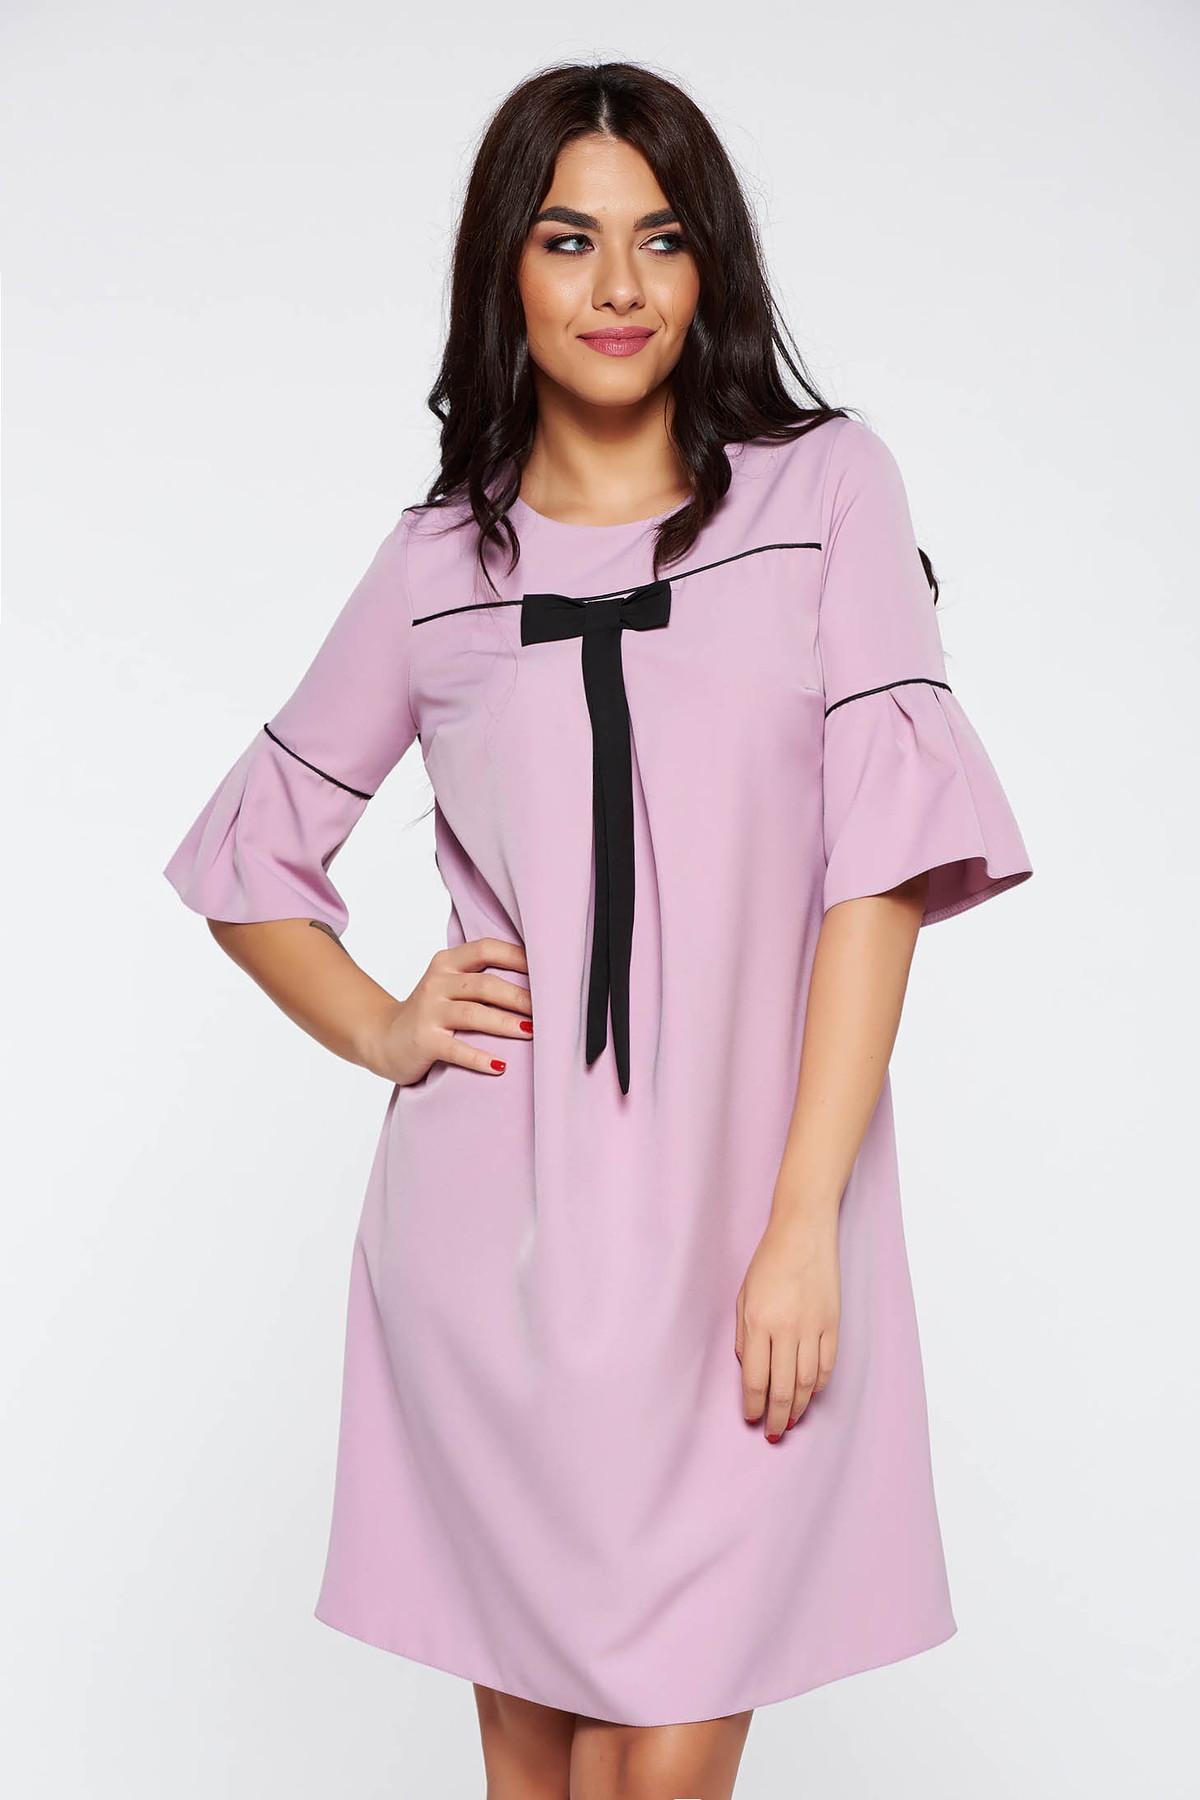 Rochie roz deschis eleganta cu croi larg din stofa subtire usor elastica cu maneci clopot